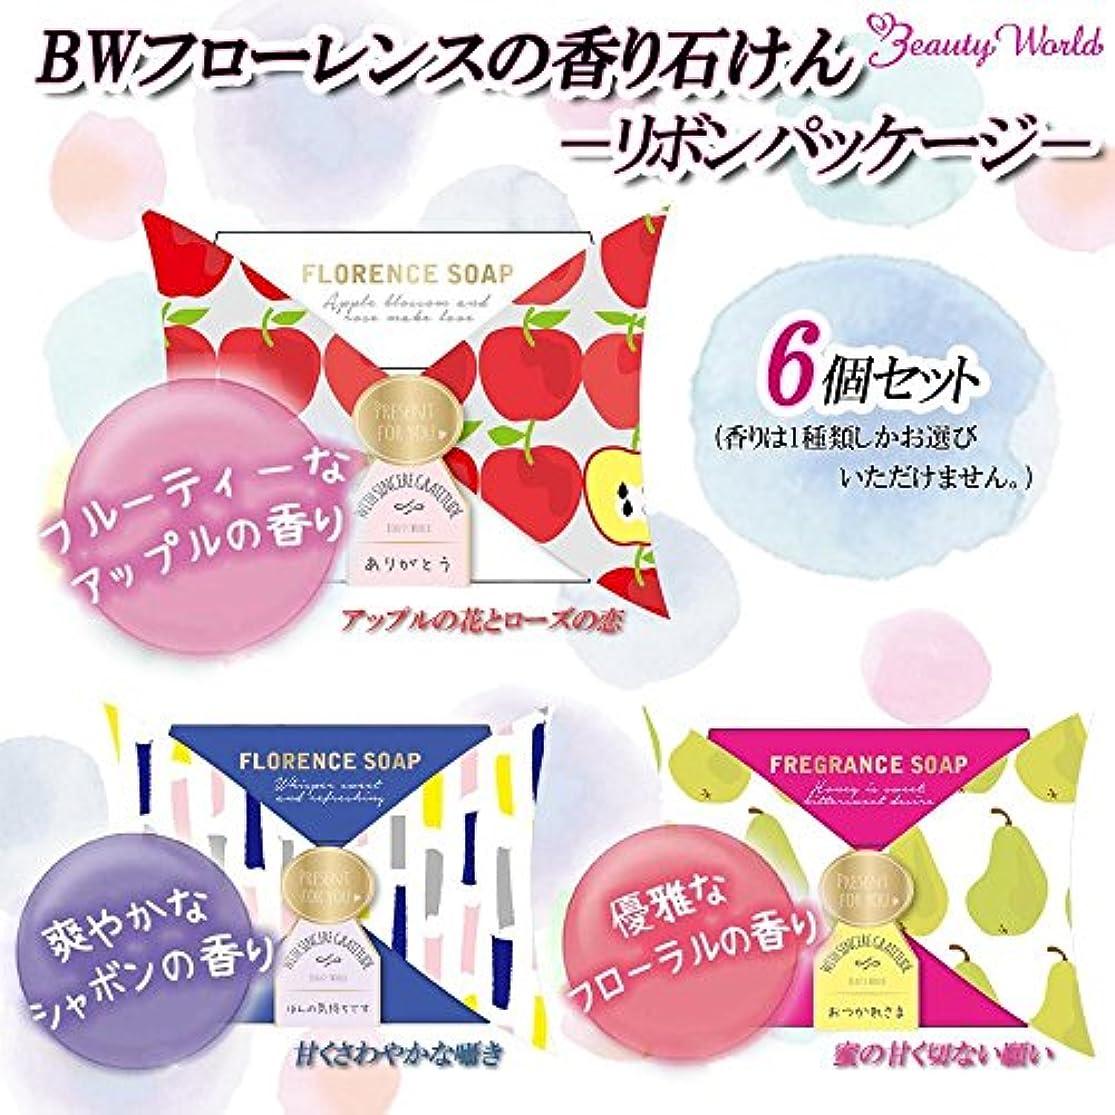 貸し手解放するラップトップビューティーワールド BWフローレンスの香り石けん リボンパッケージ 6個セット ■3種類の内「FSP385?甘くさわやかな囁き」を1点のみです